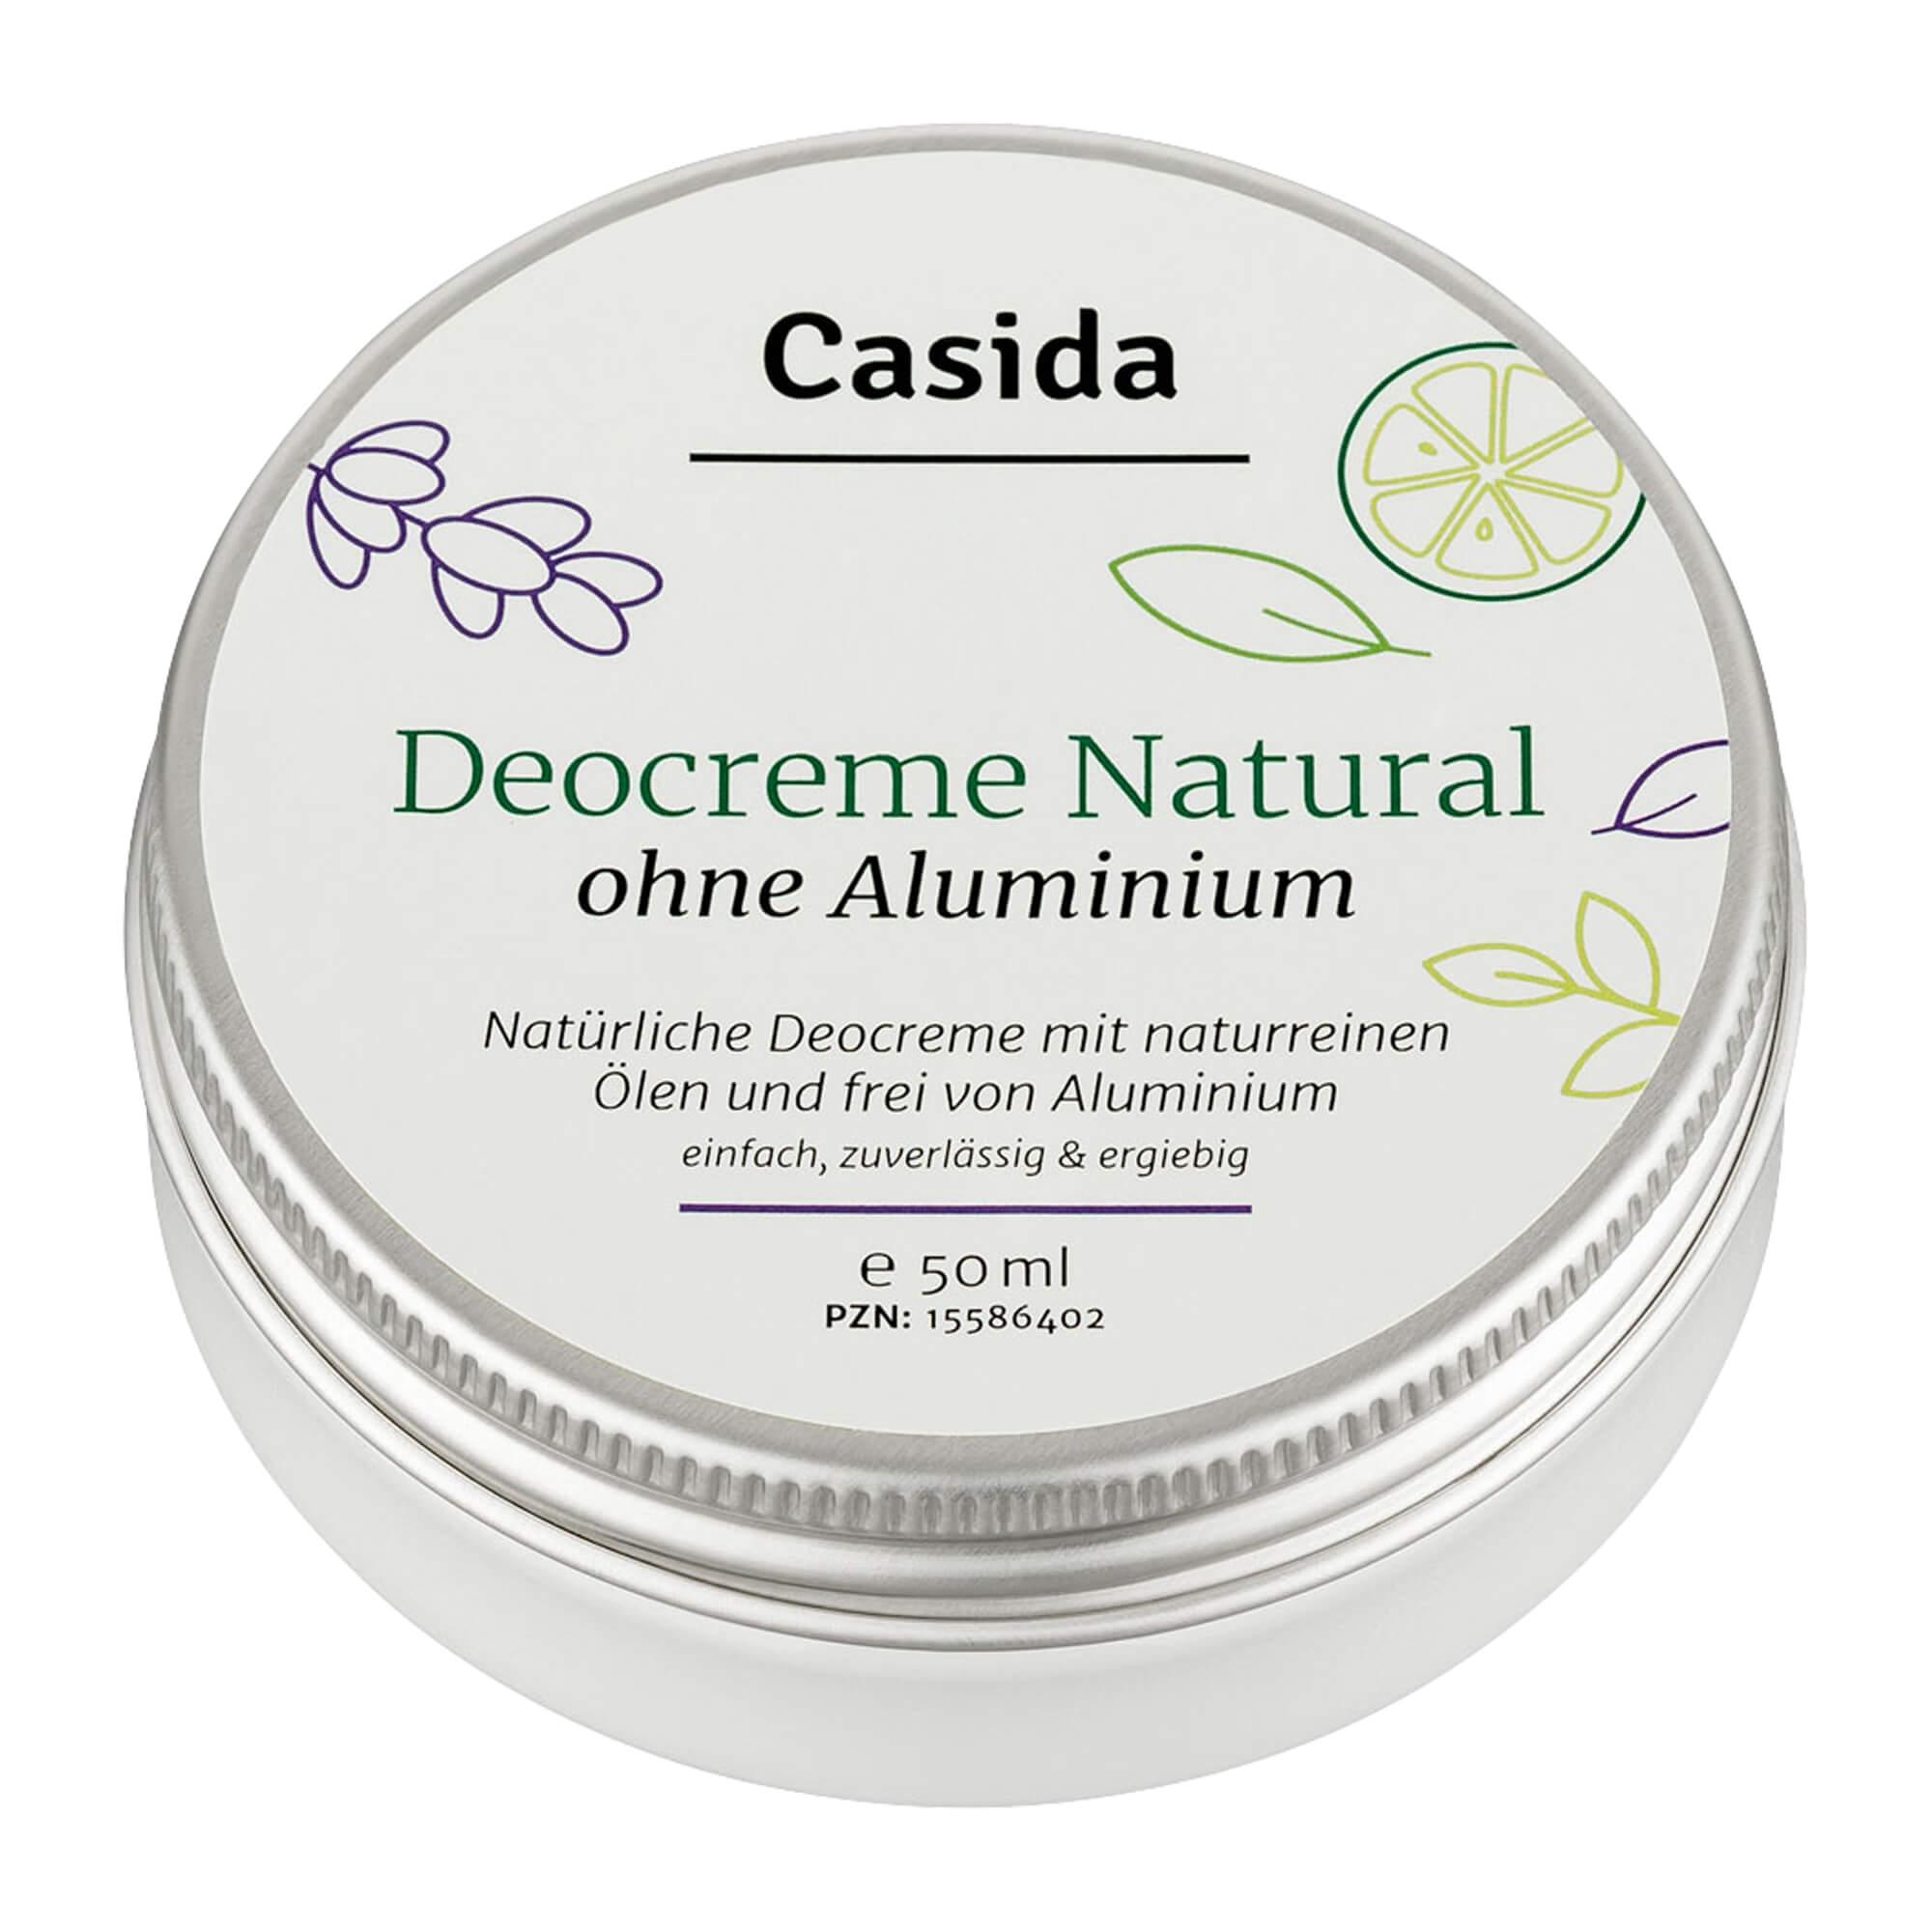 Deo Creme Natural ohne Aluminium